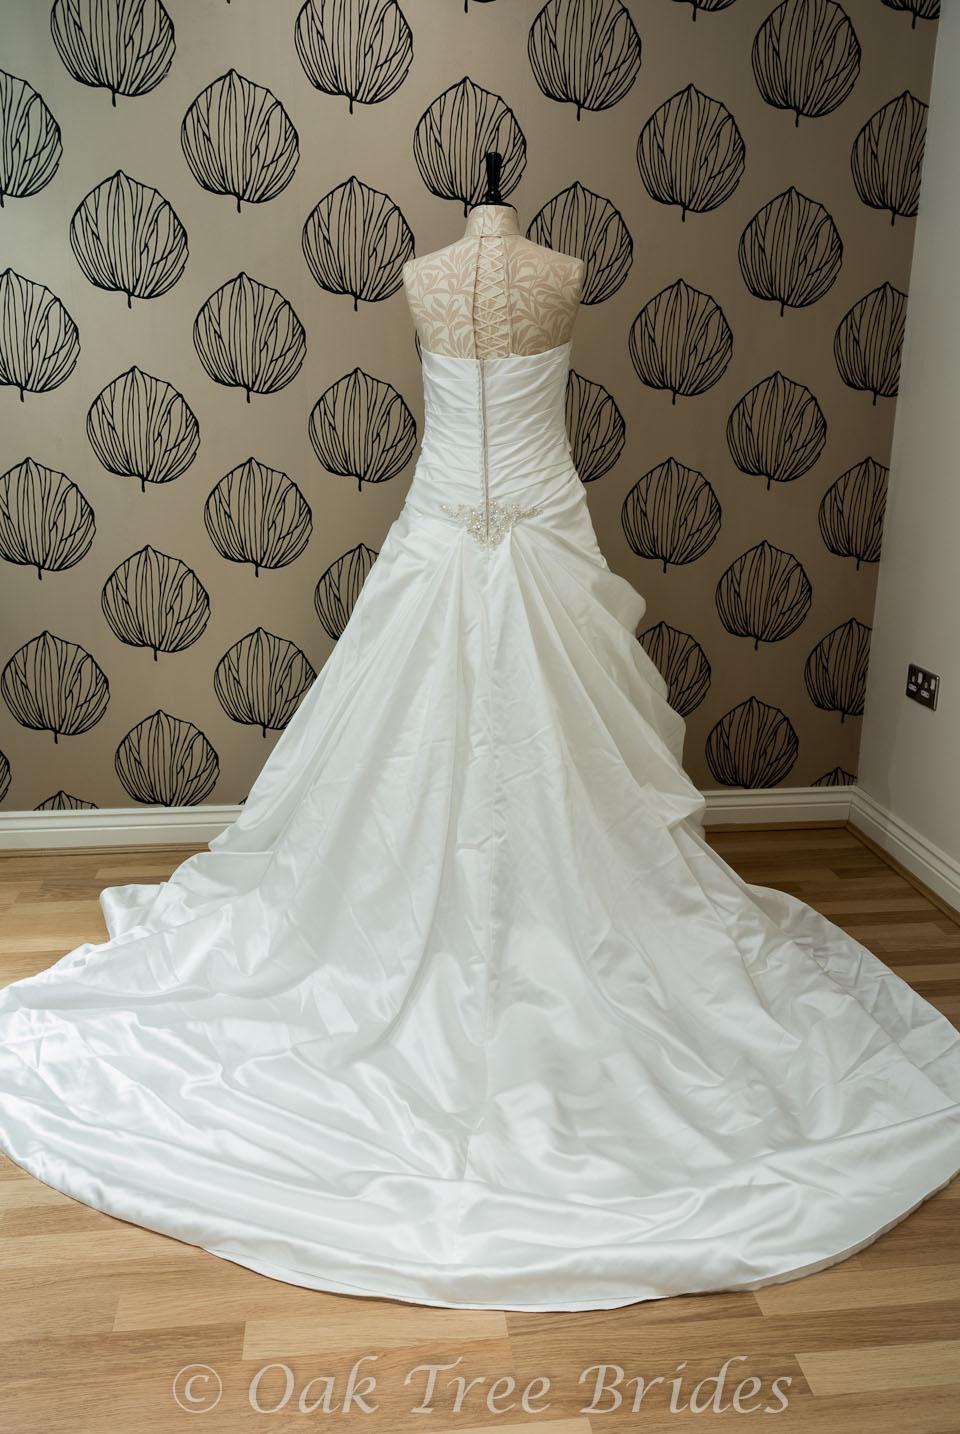 Page 1 designer weddings dresses size 16 oak tree brides for Wedding dresses for size 16